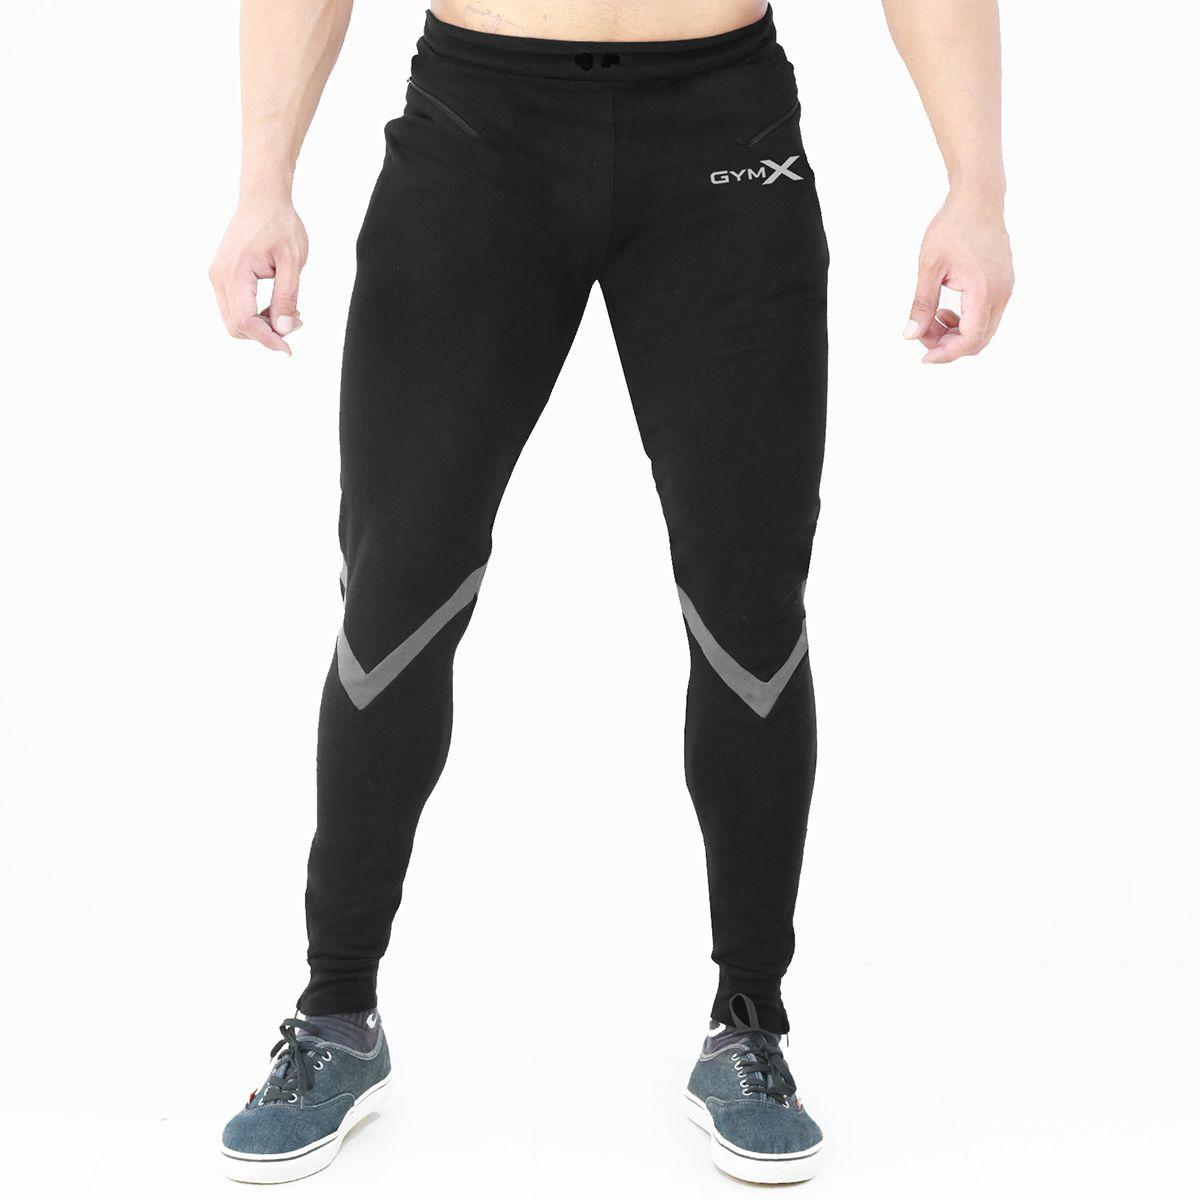 GymX Mens Valour Iconic Black Sweatpants (Flex Fit) (Size:XX-Large)